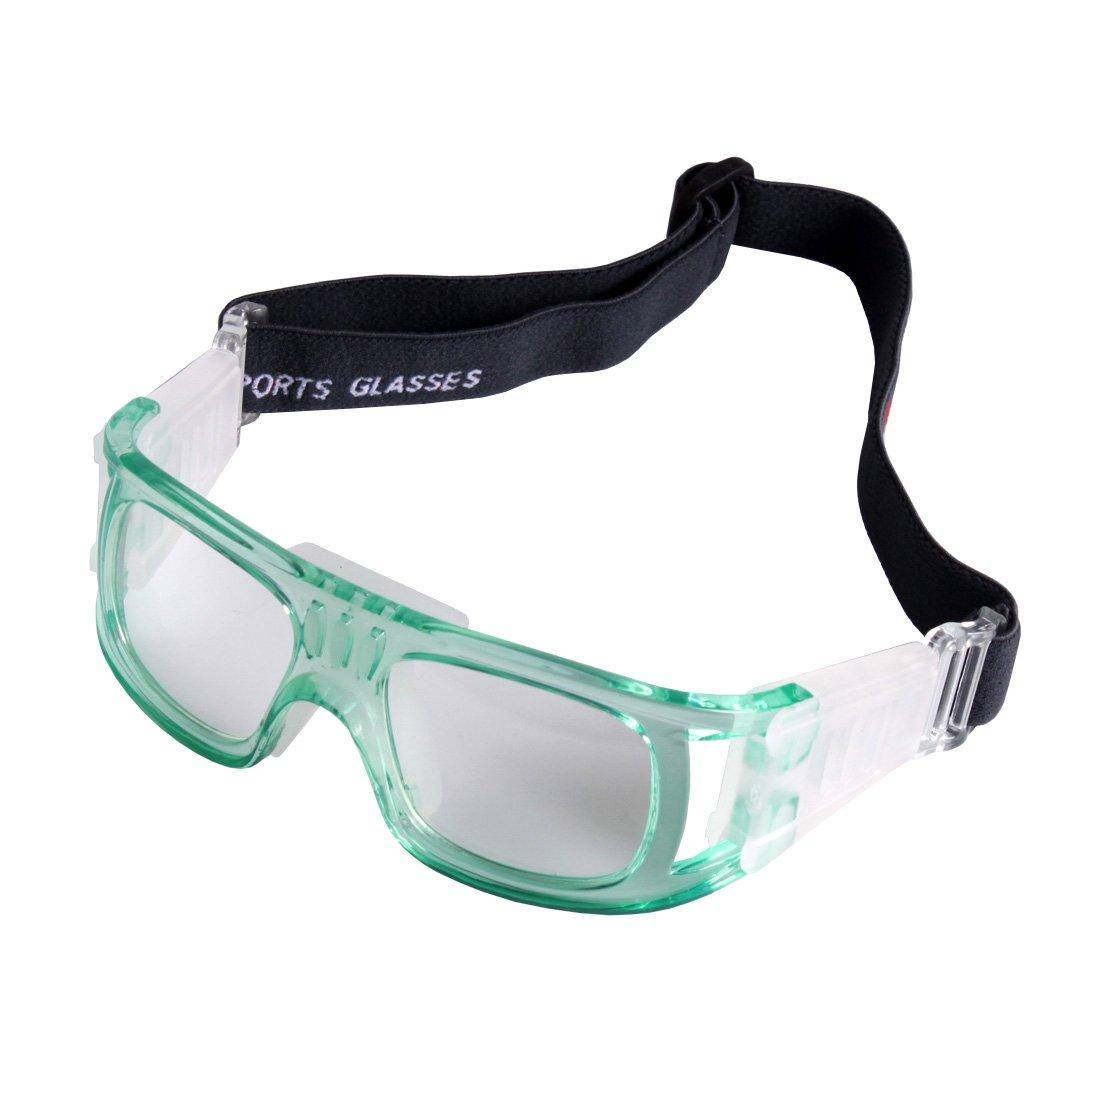 518f6adeb0 Andux Baloncesto Fútbol Fútbol Deportes Gafas protectoras gafas Gafas de seguridad  LQYJ-01 (Azul): Amazon.es: Deportes y aire libre